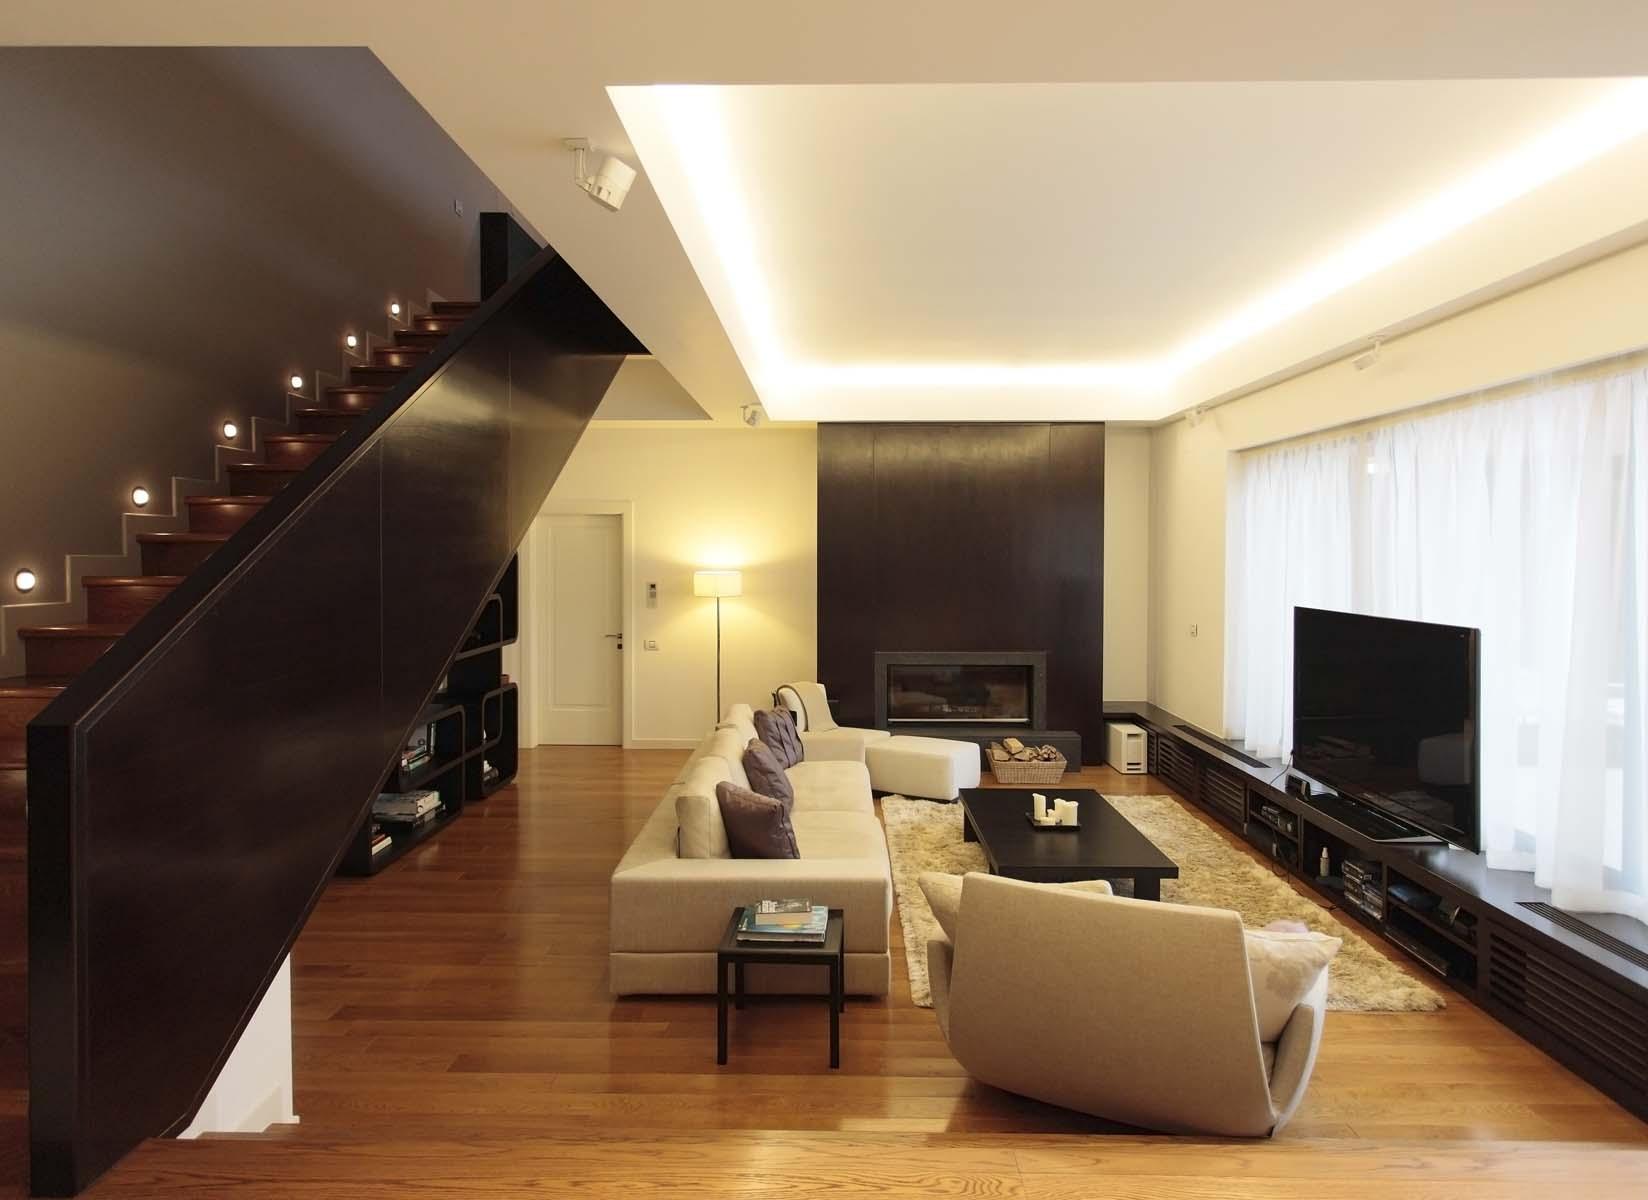 https://nbc-arhitect.ro/wp-content/uploads/2020/11/NBC-Arhitect-_-interior-design-_-Tudor-House-Interior-_-Romania_3.jpg